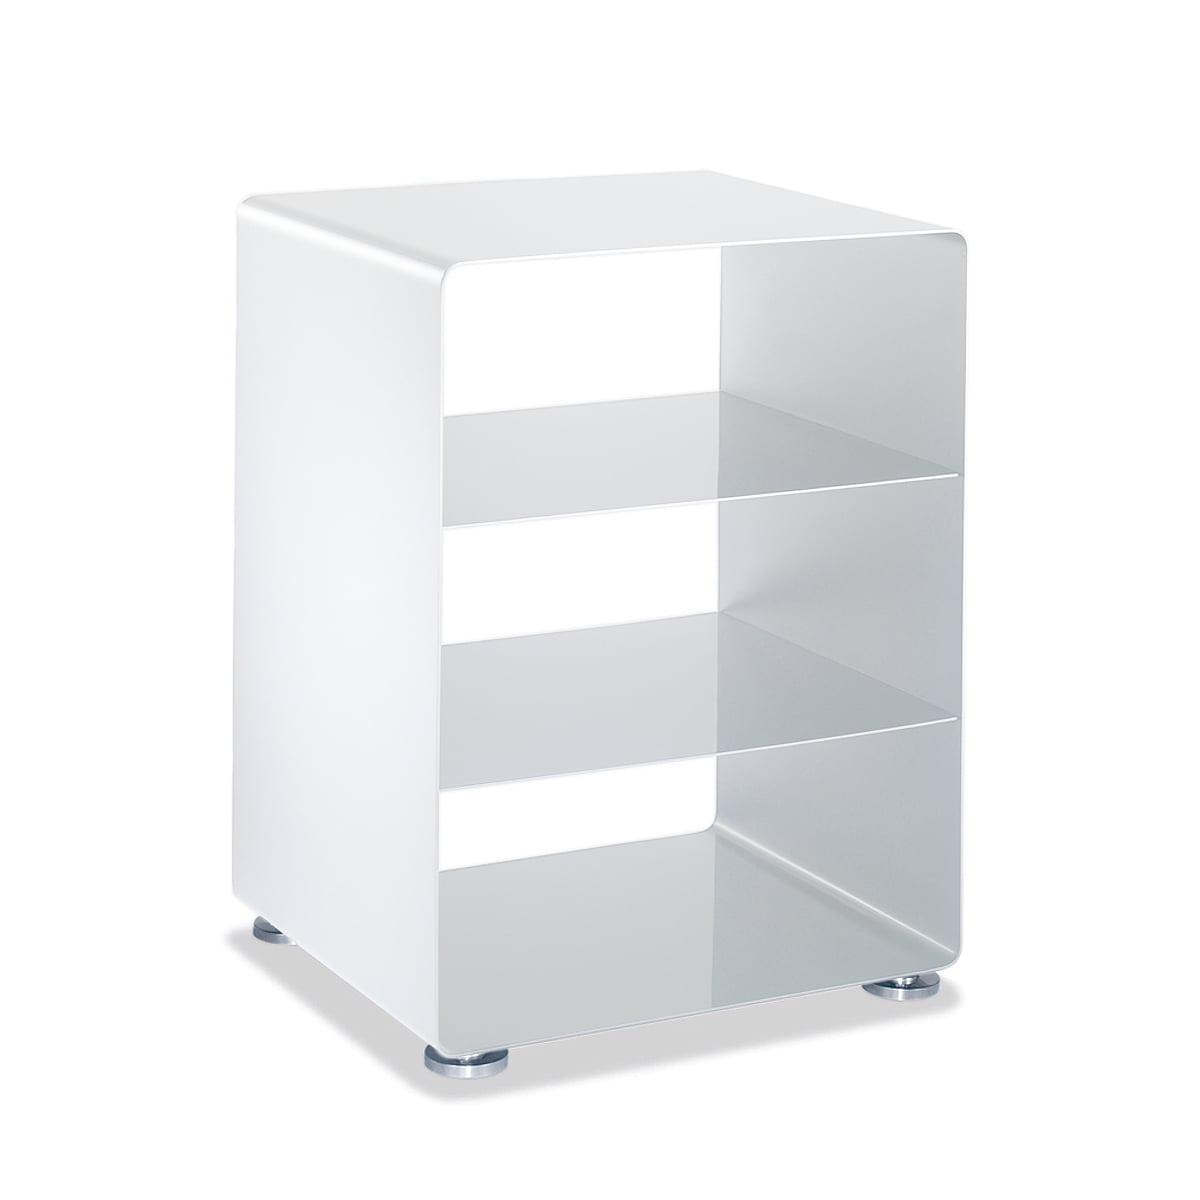 Müller Möbelfabrikation - R 600N Hifi-Rack mit 2 Böden (RAL 9016) | Wohnzimmer > TV-HiFi-Möbel > HiFi-Racks | Verkehrsweiß (ral 9016) | 2 - 5 mm starkes metall | müller Möbelfabrikation